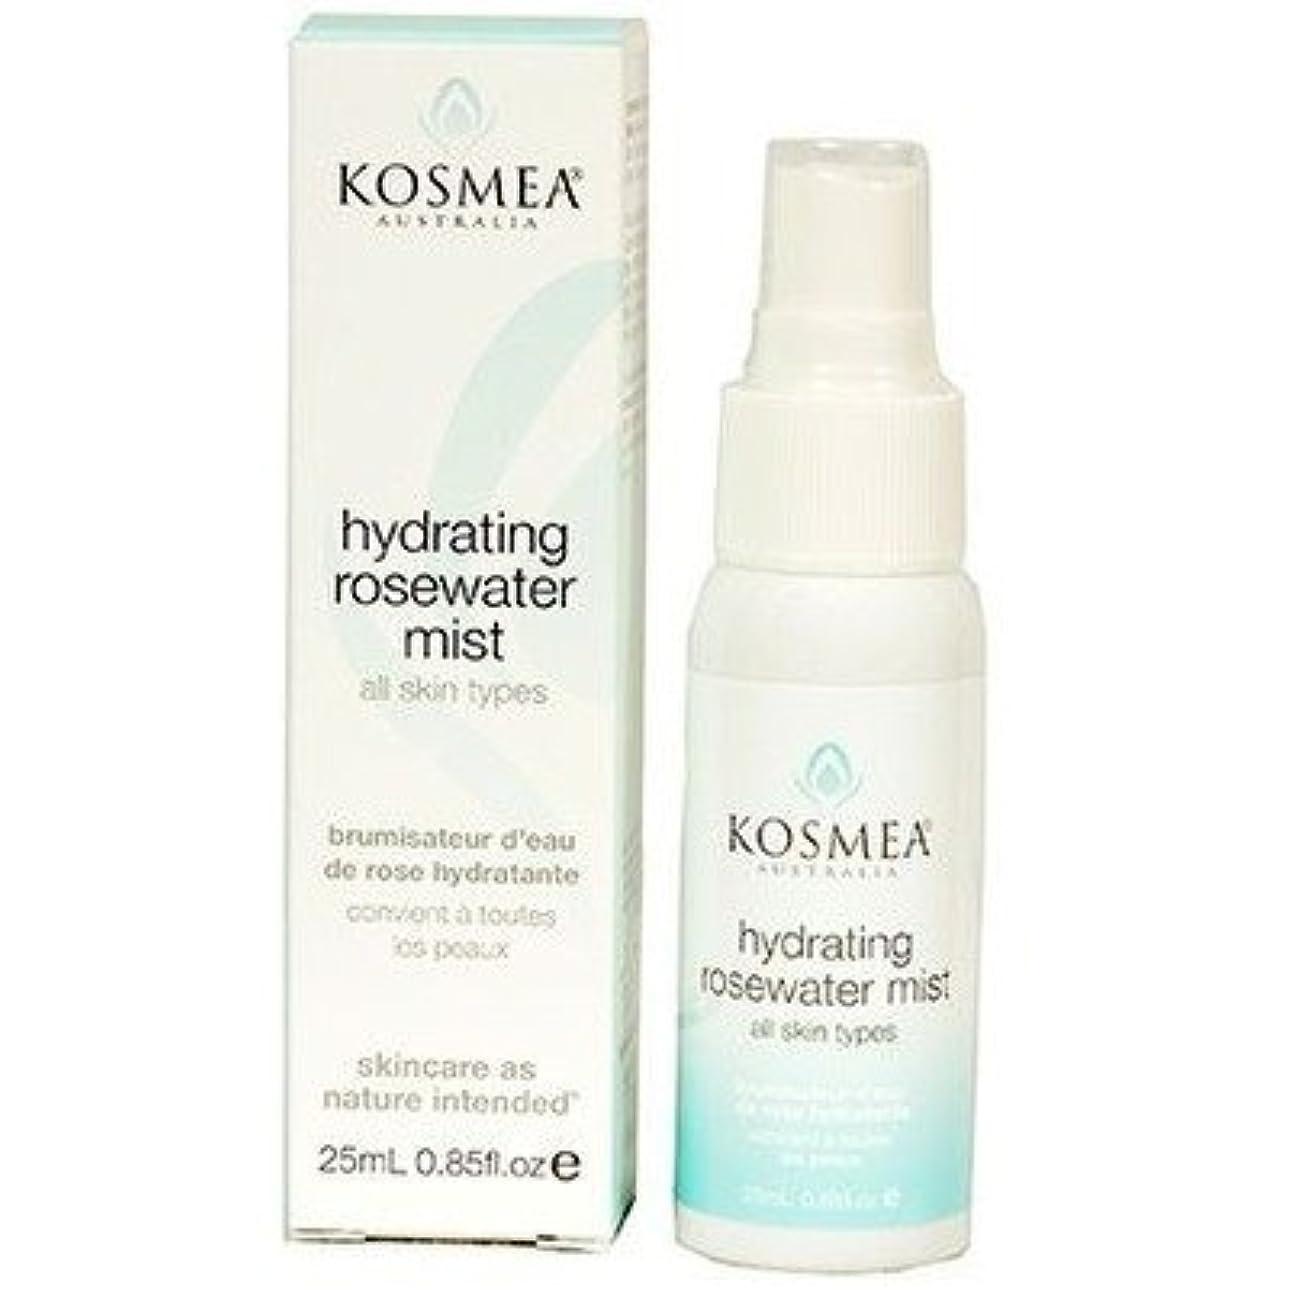 切り刻む捕虜学部[KOSMEA] Hydrating Rosewater Mist 25ml コスメア ハイドレイティング ローズウォーターミスト 25ml【並行輸入品】【海外直送品】